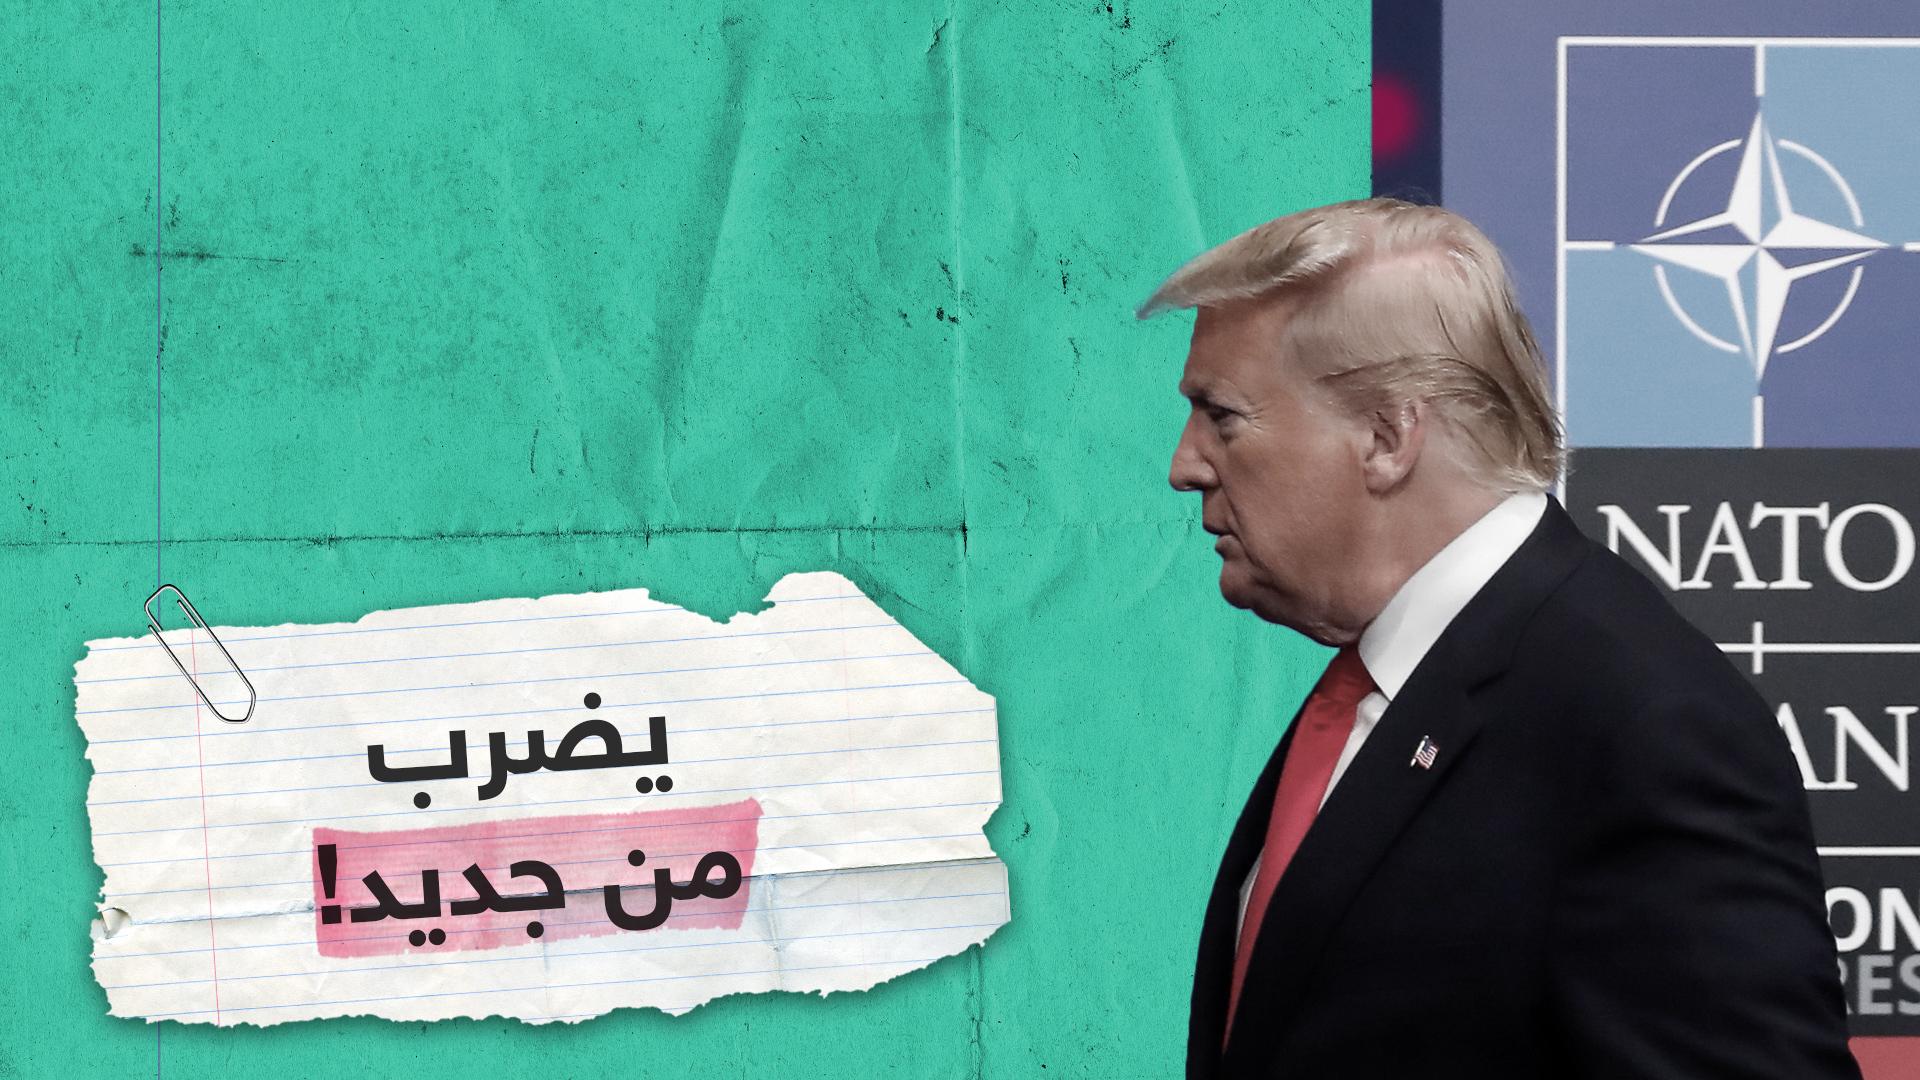 ترامب في قمة الناتو.. تصريحات نارية ومواقف مثيرة